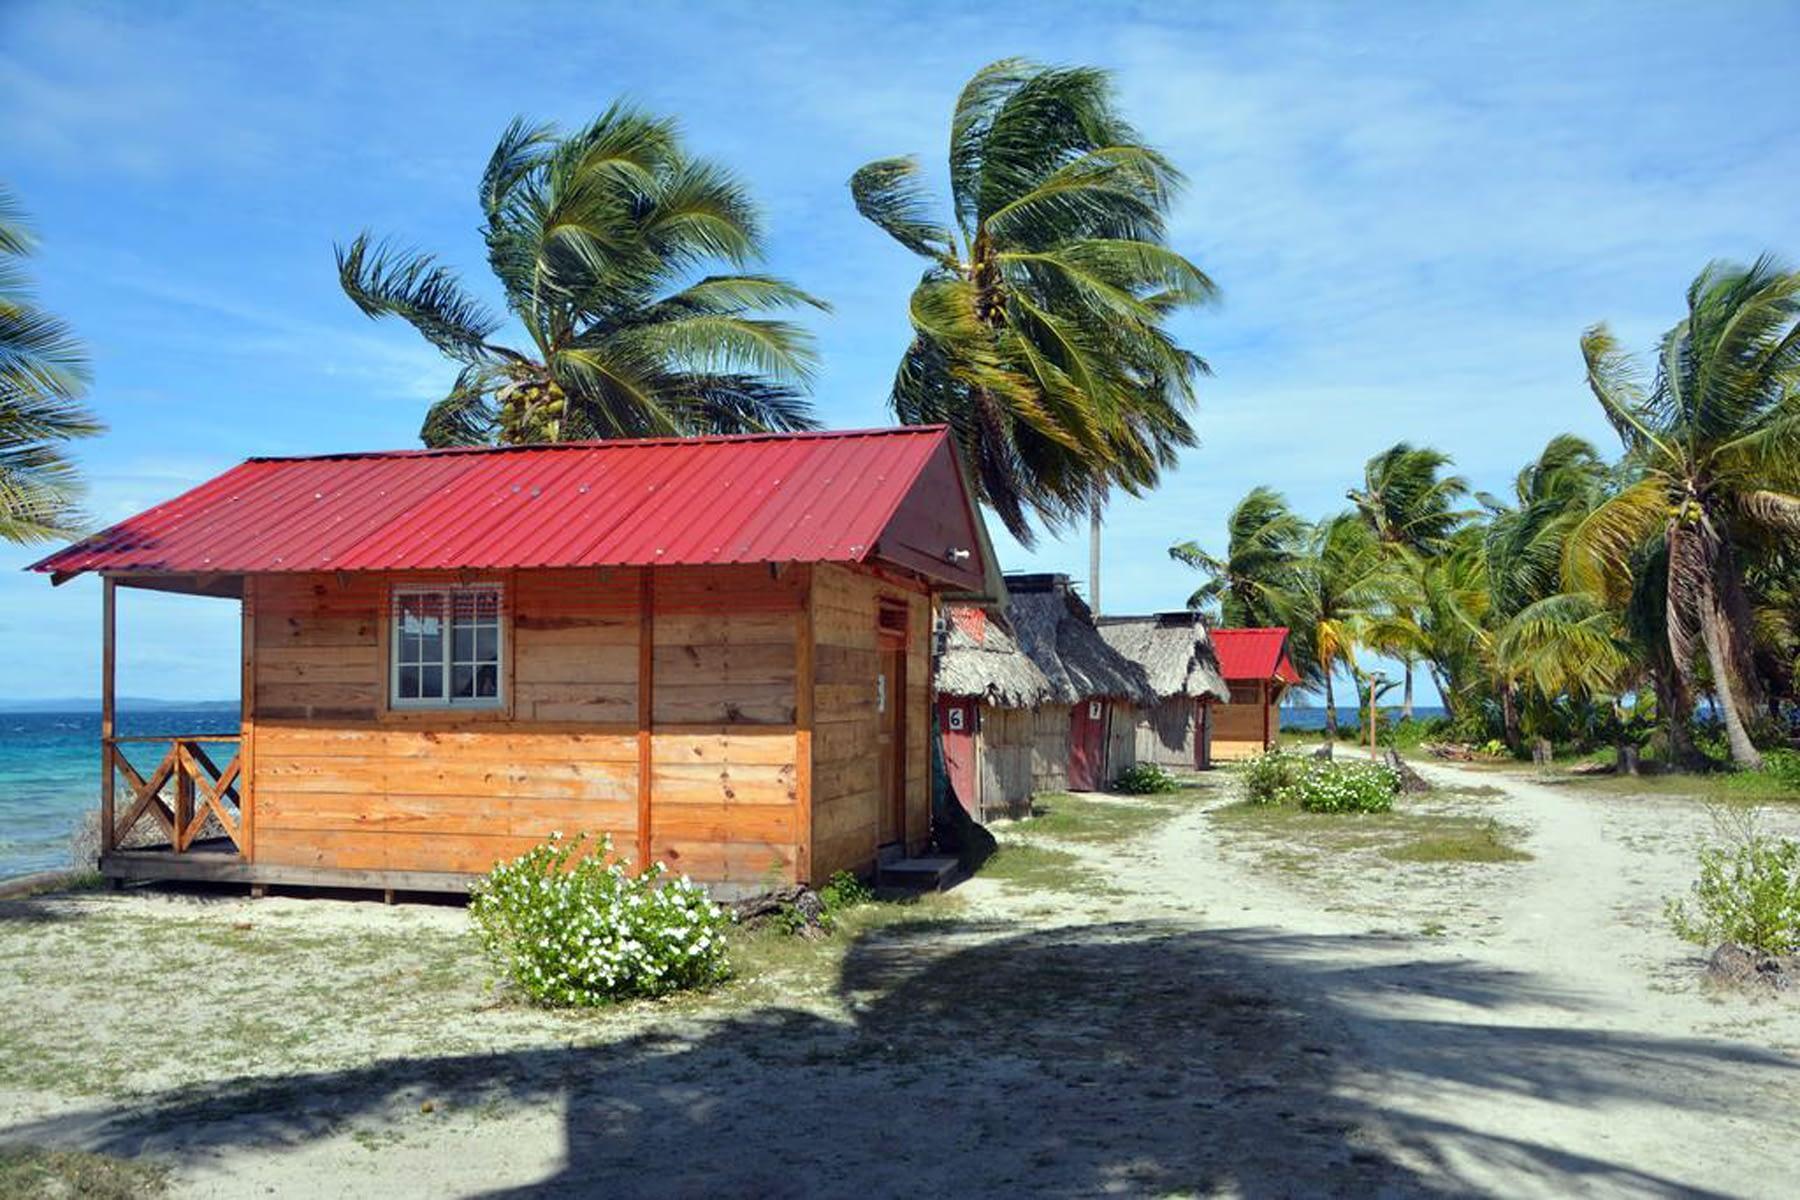 Cabaña de madera en la isla Niadub